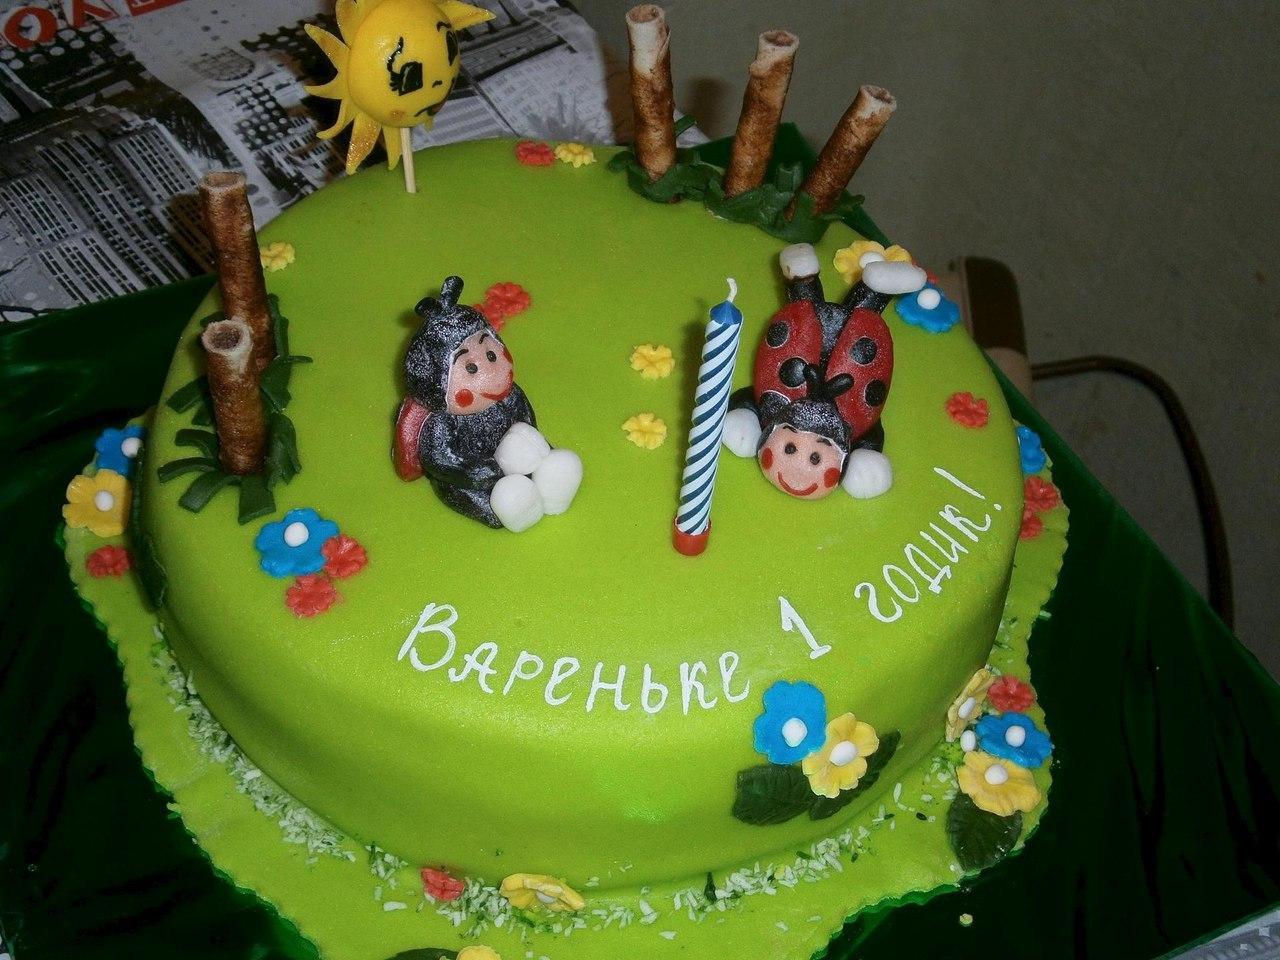 Прописными буквами с днем рождения